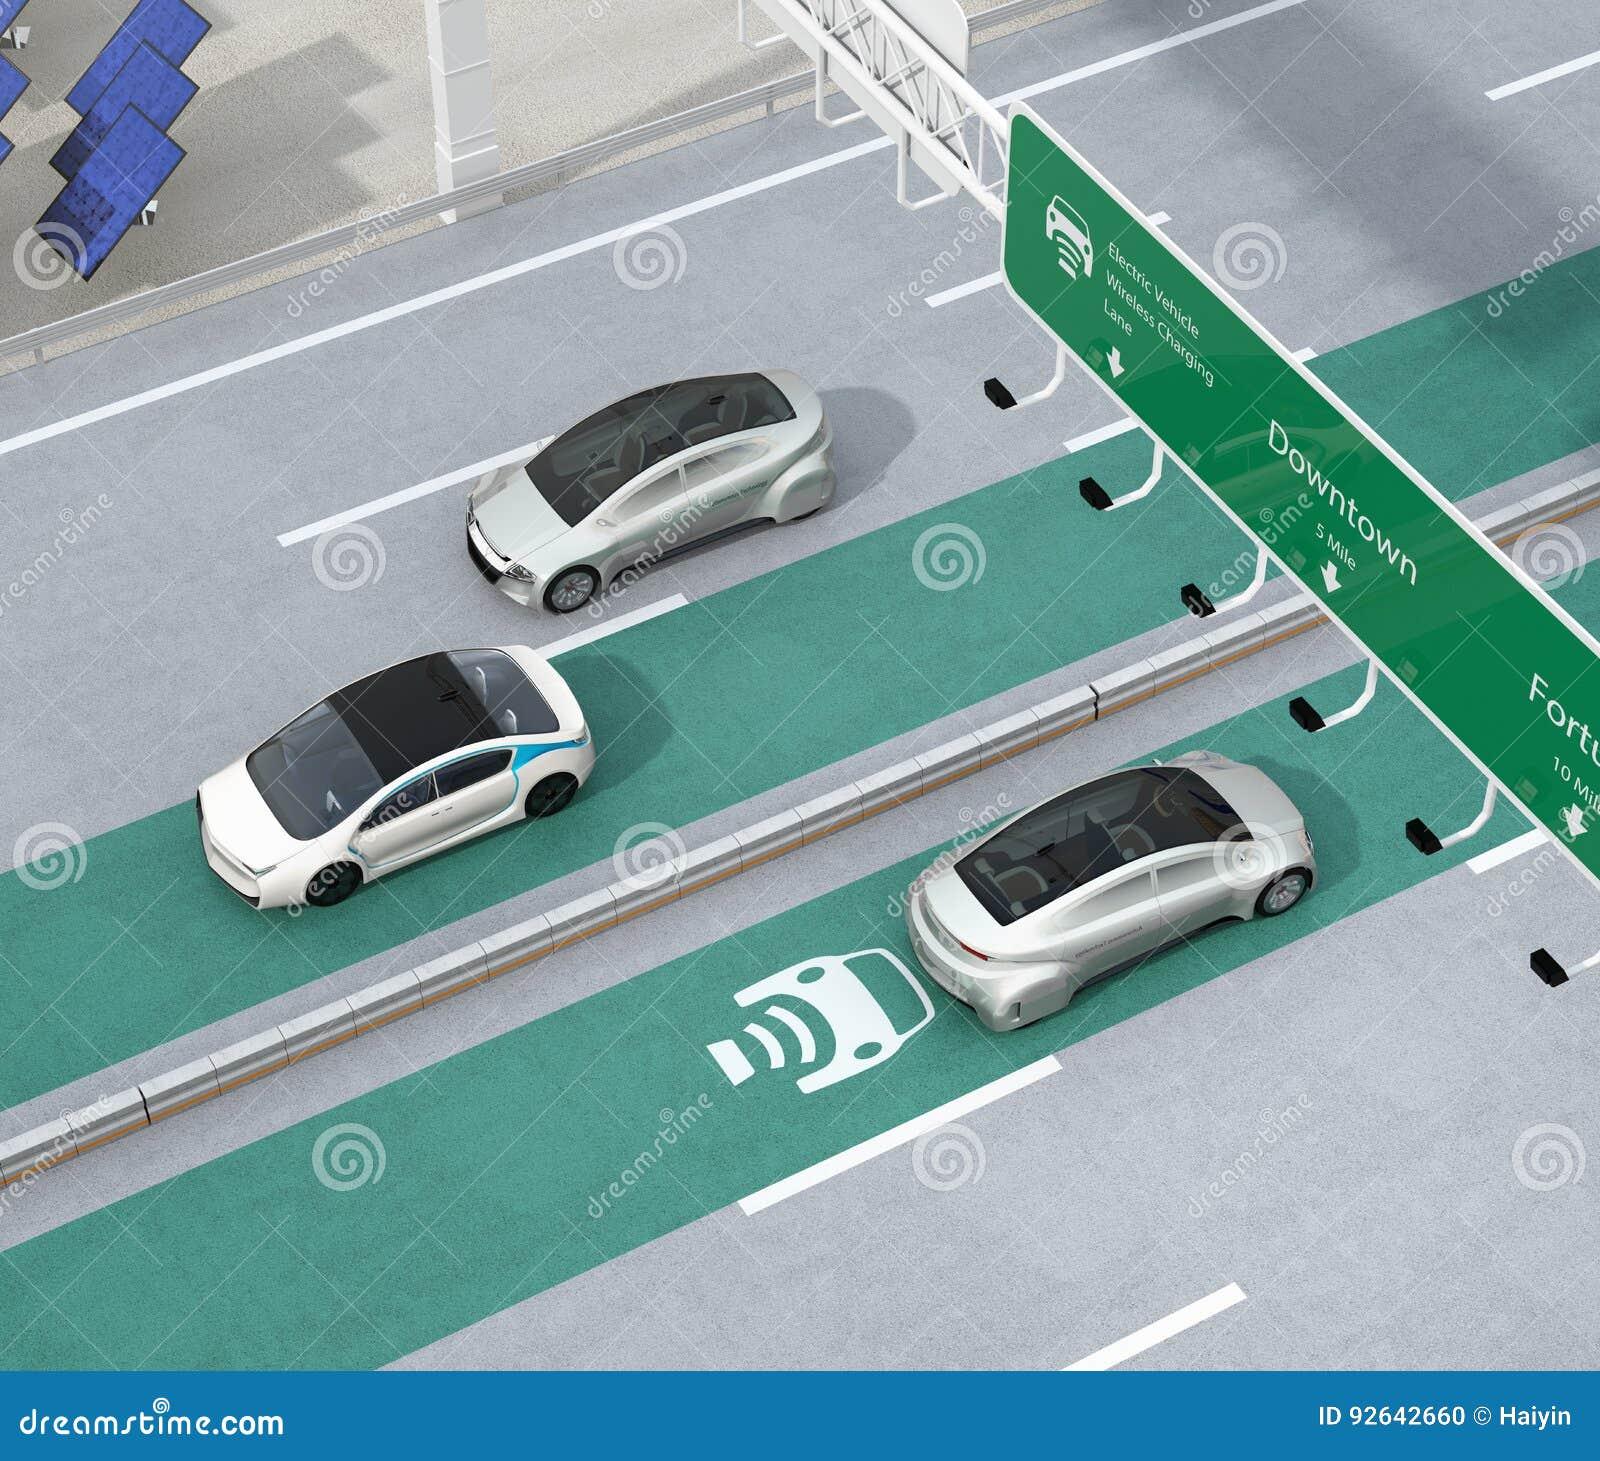 Condução de carros bondes na pista de carregamento sem fio da estrada